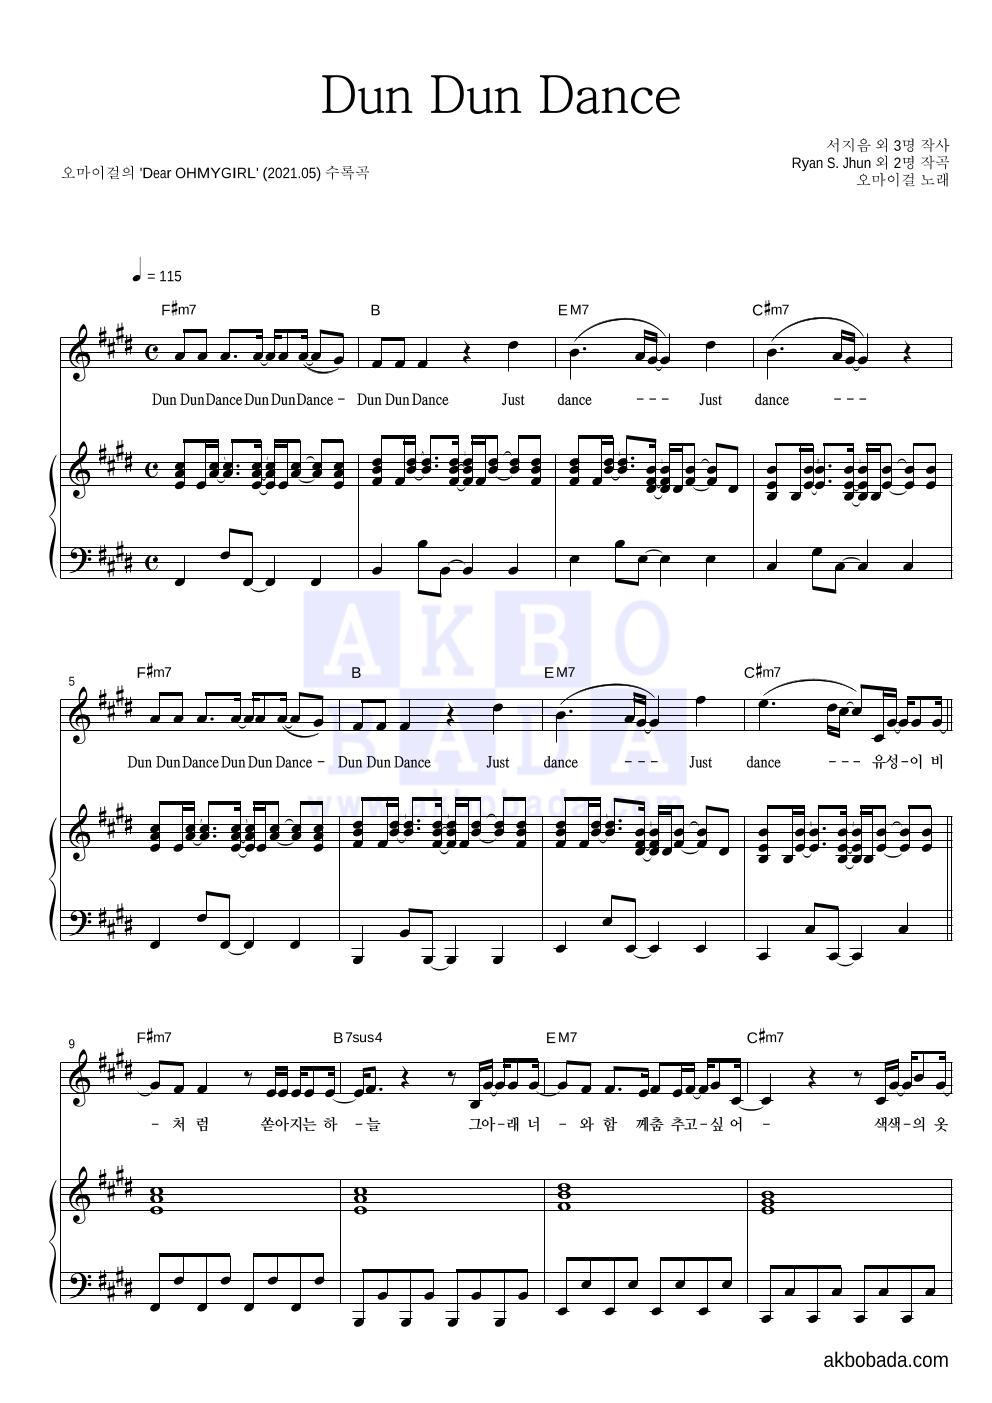 오마이걸 - Dun Dun Dance 피아노 3단 악보